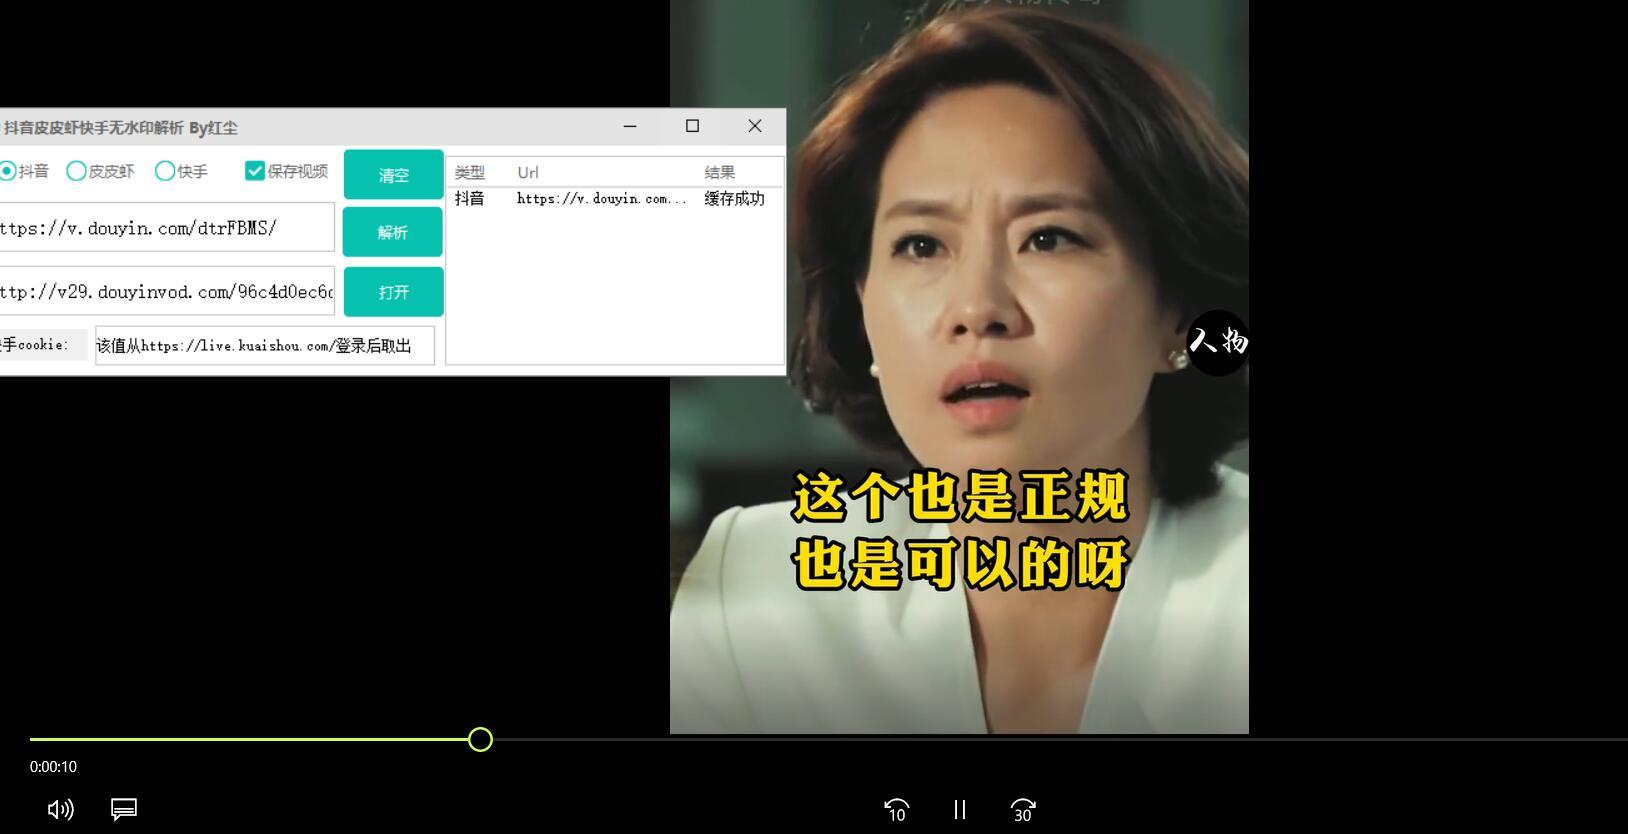 PC逗音皮皮蟹筷手视频无水印下载